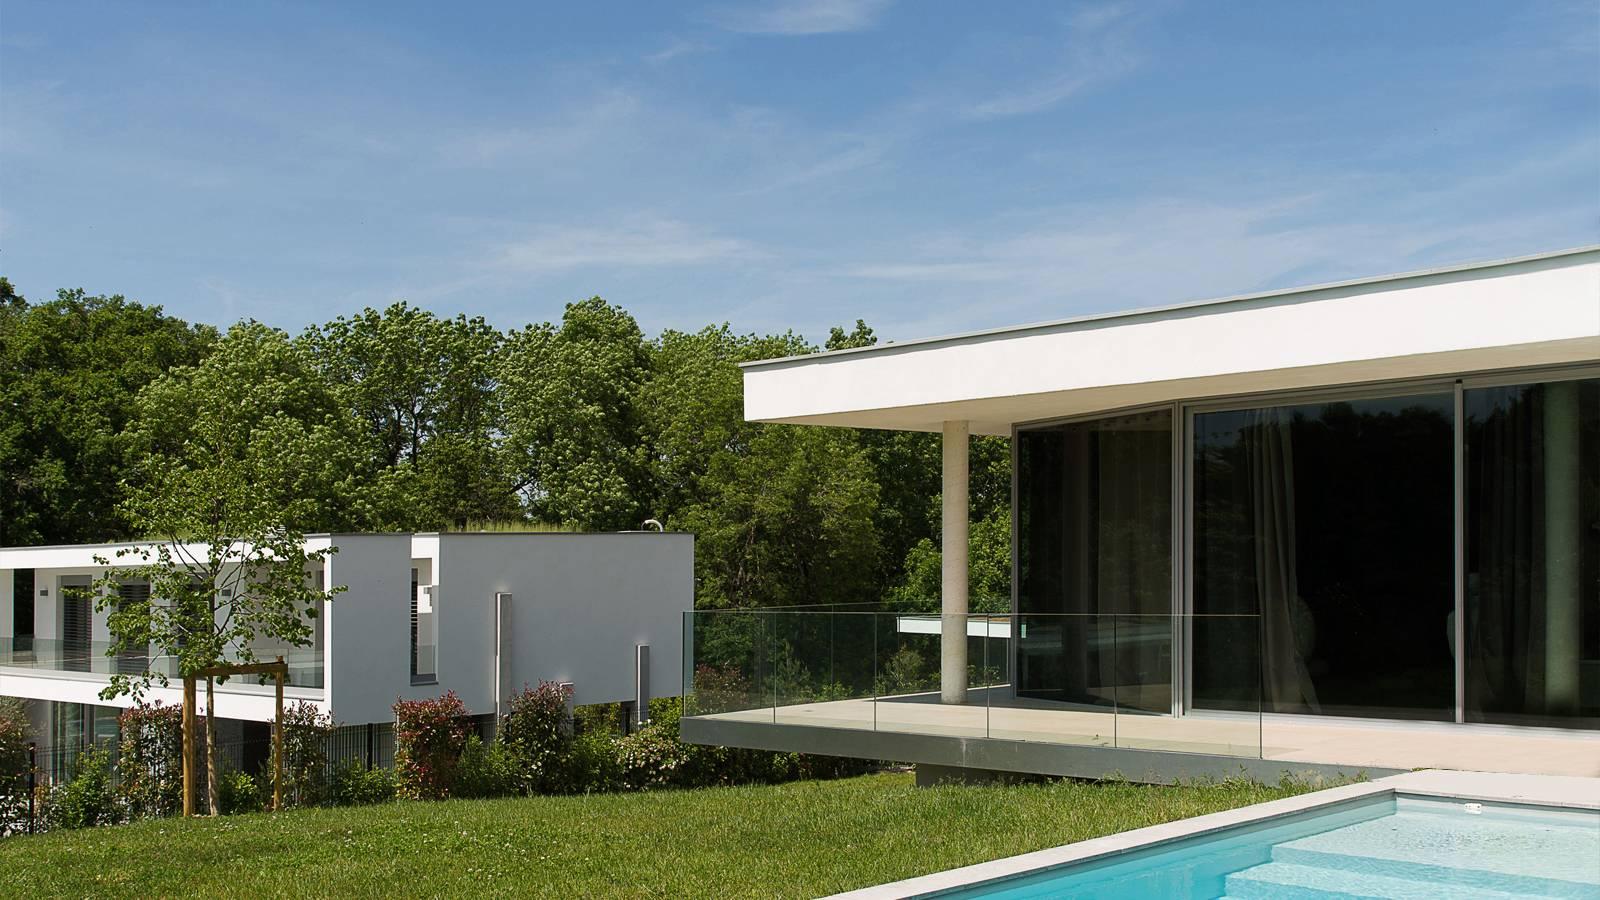 Maison De Plain Pied Vitree Avec Patio A Lyon Cabinet D Architecture D Interieur En Auvergne Rhone Alpes Cabinet Vielliard Francheteau Architectures